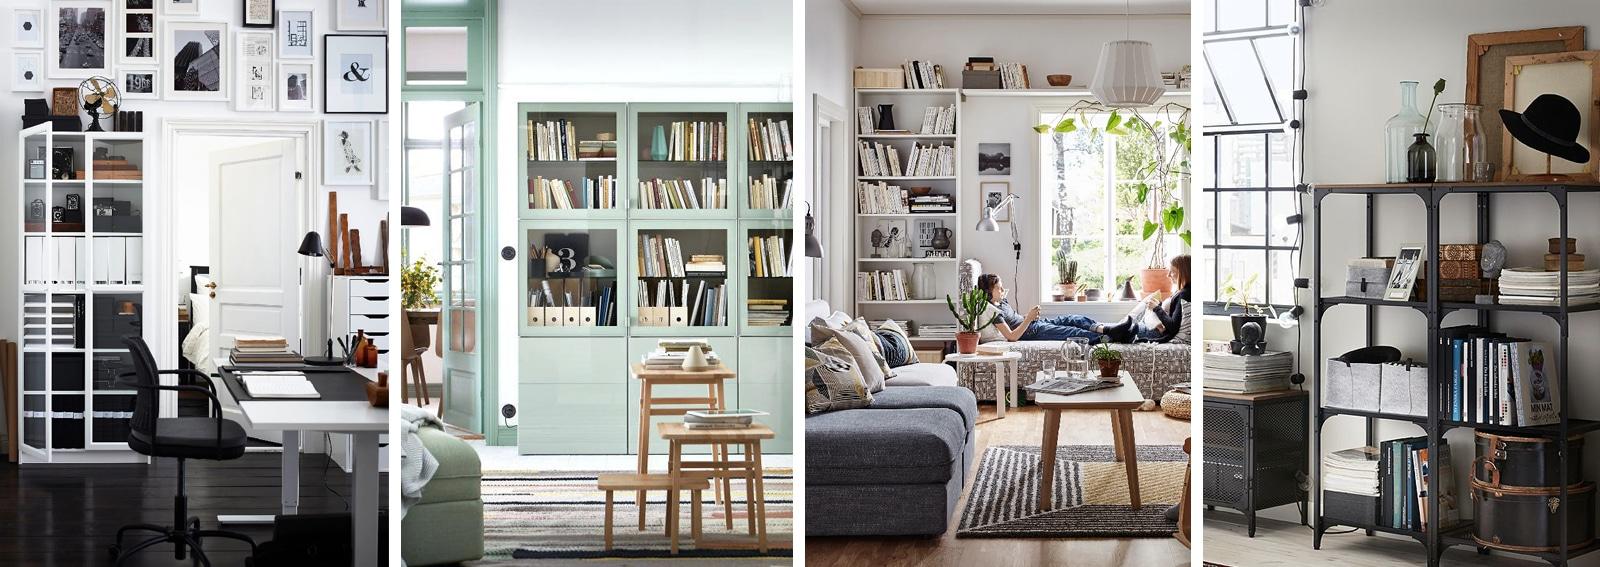 Libreria A Muro Moderna Ikea librerie ikea: i 10 modelli più belli da comprare subito